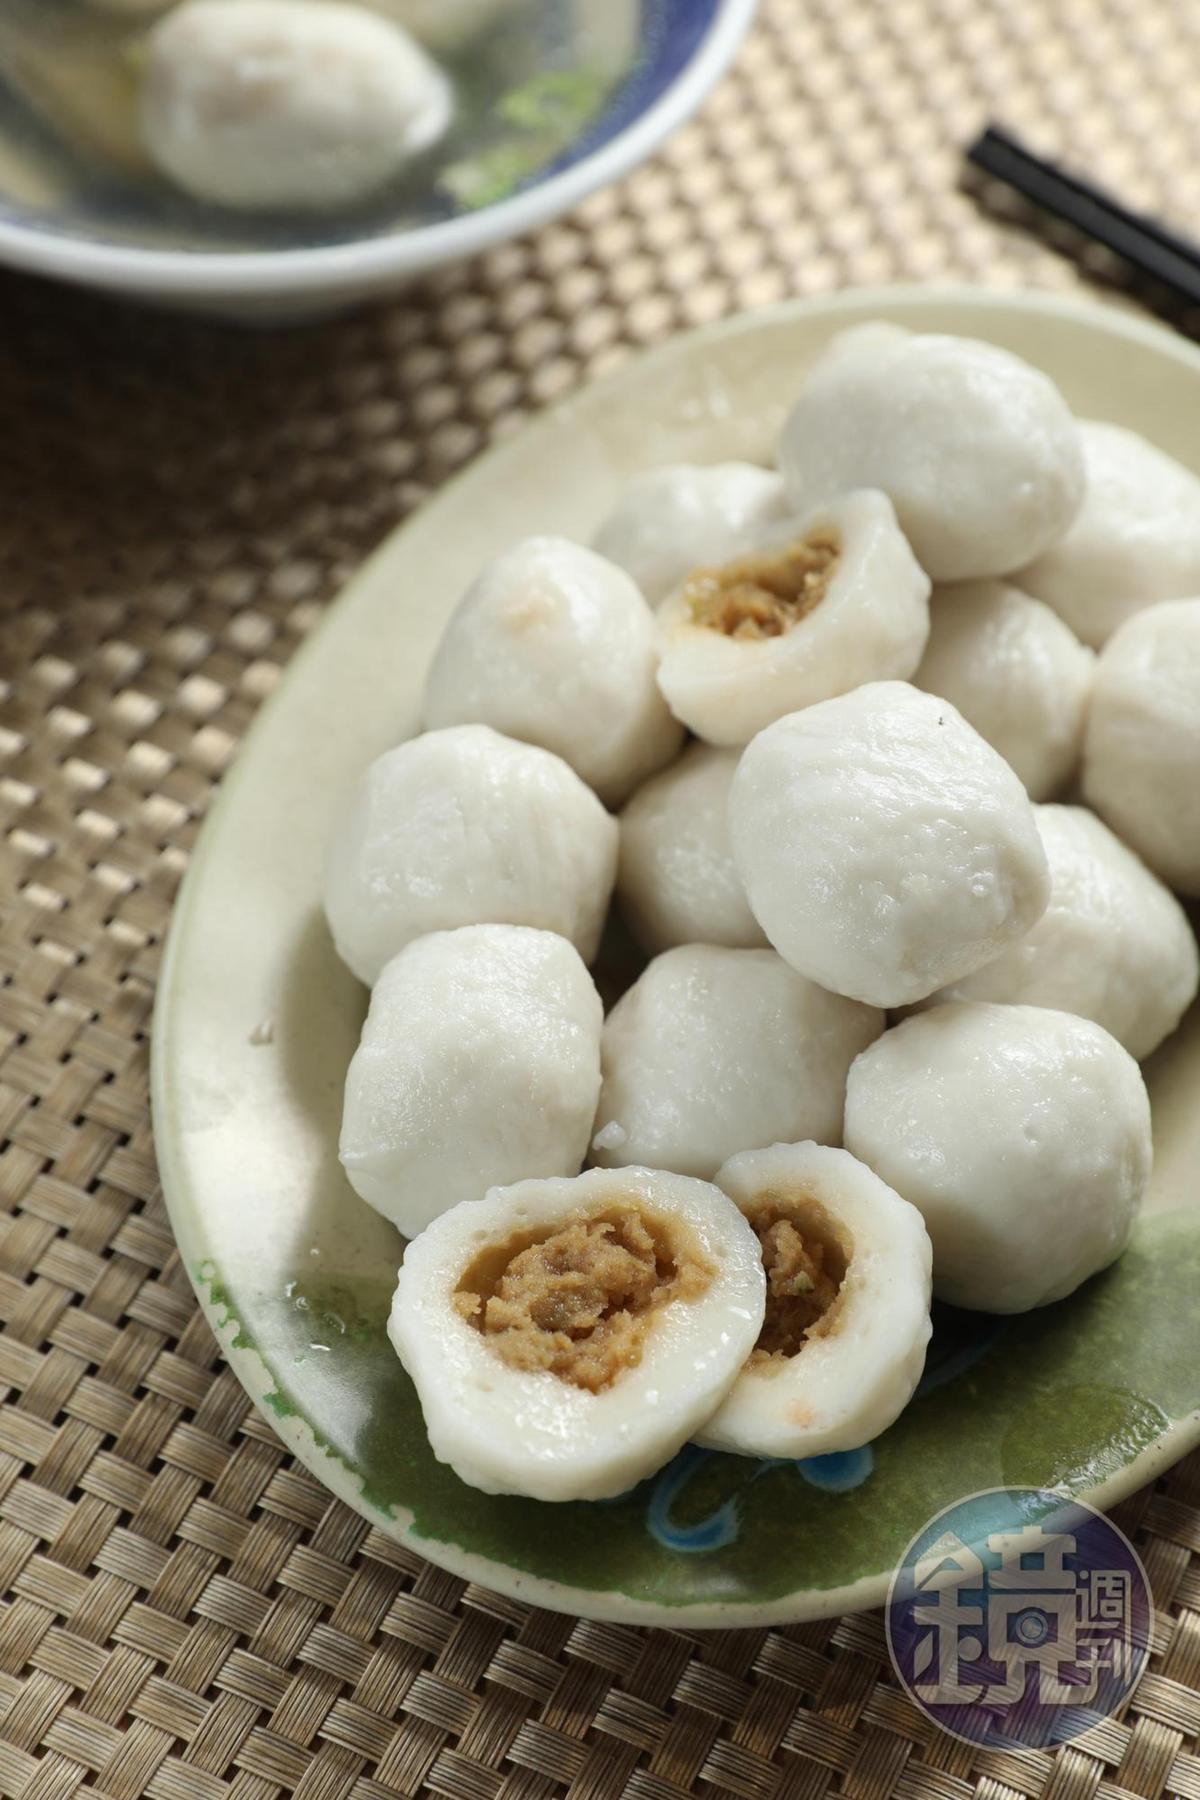 皮彈鮮甜的「福州魚丸」,咬下時餡肉香潤。(雅方,190元/斤)